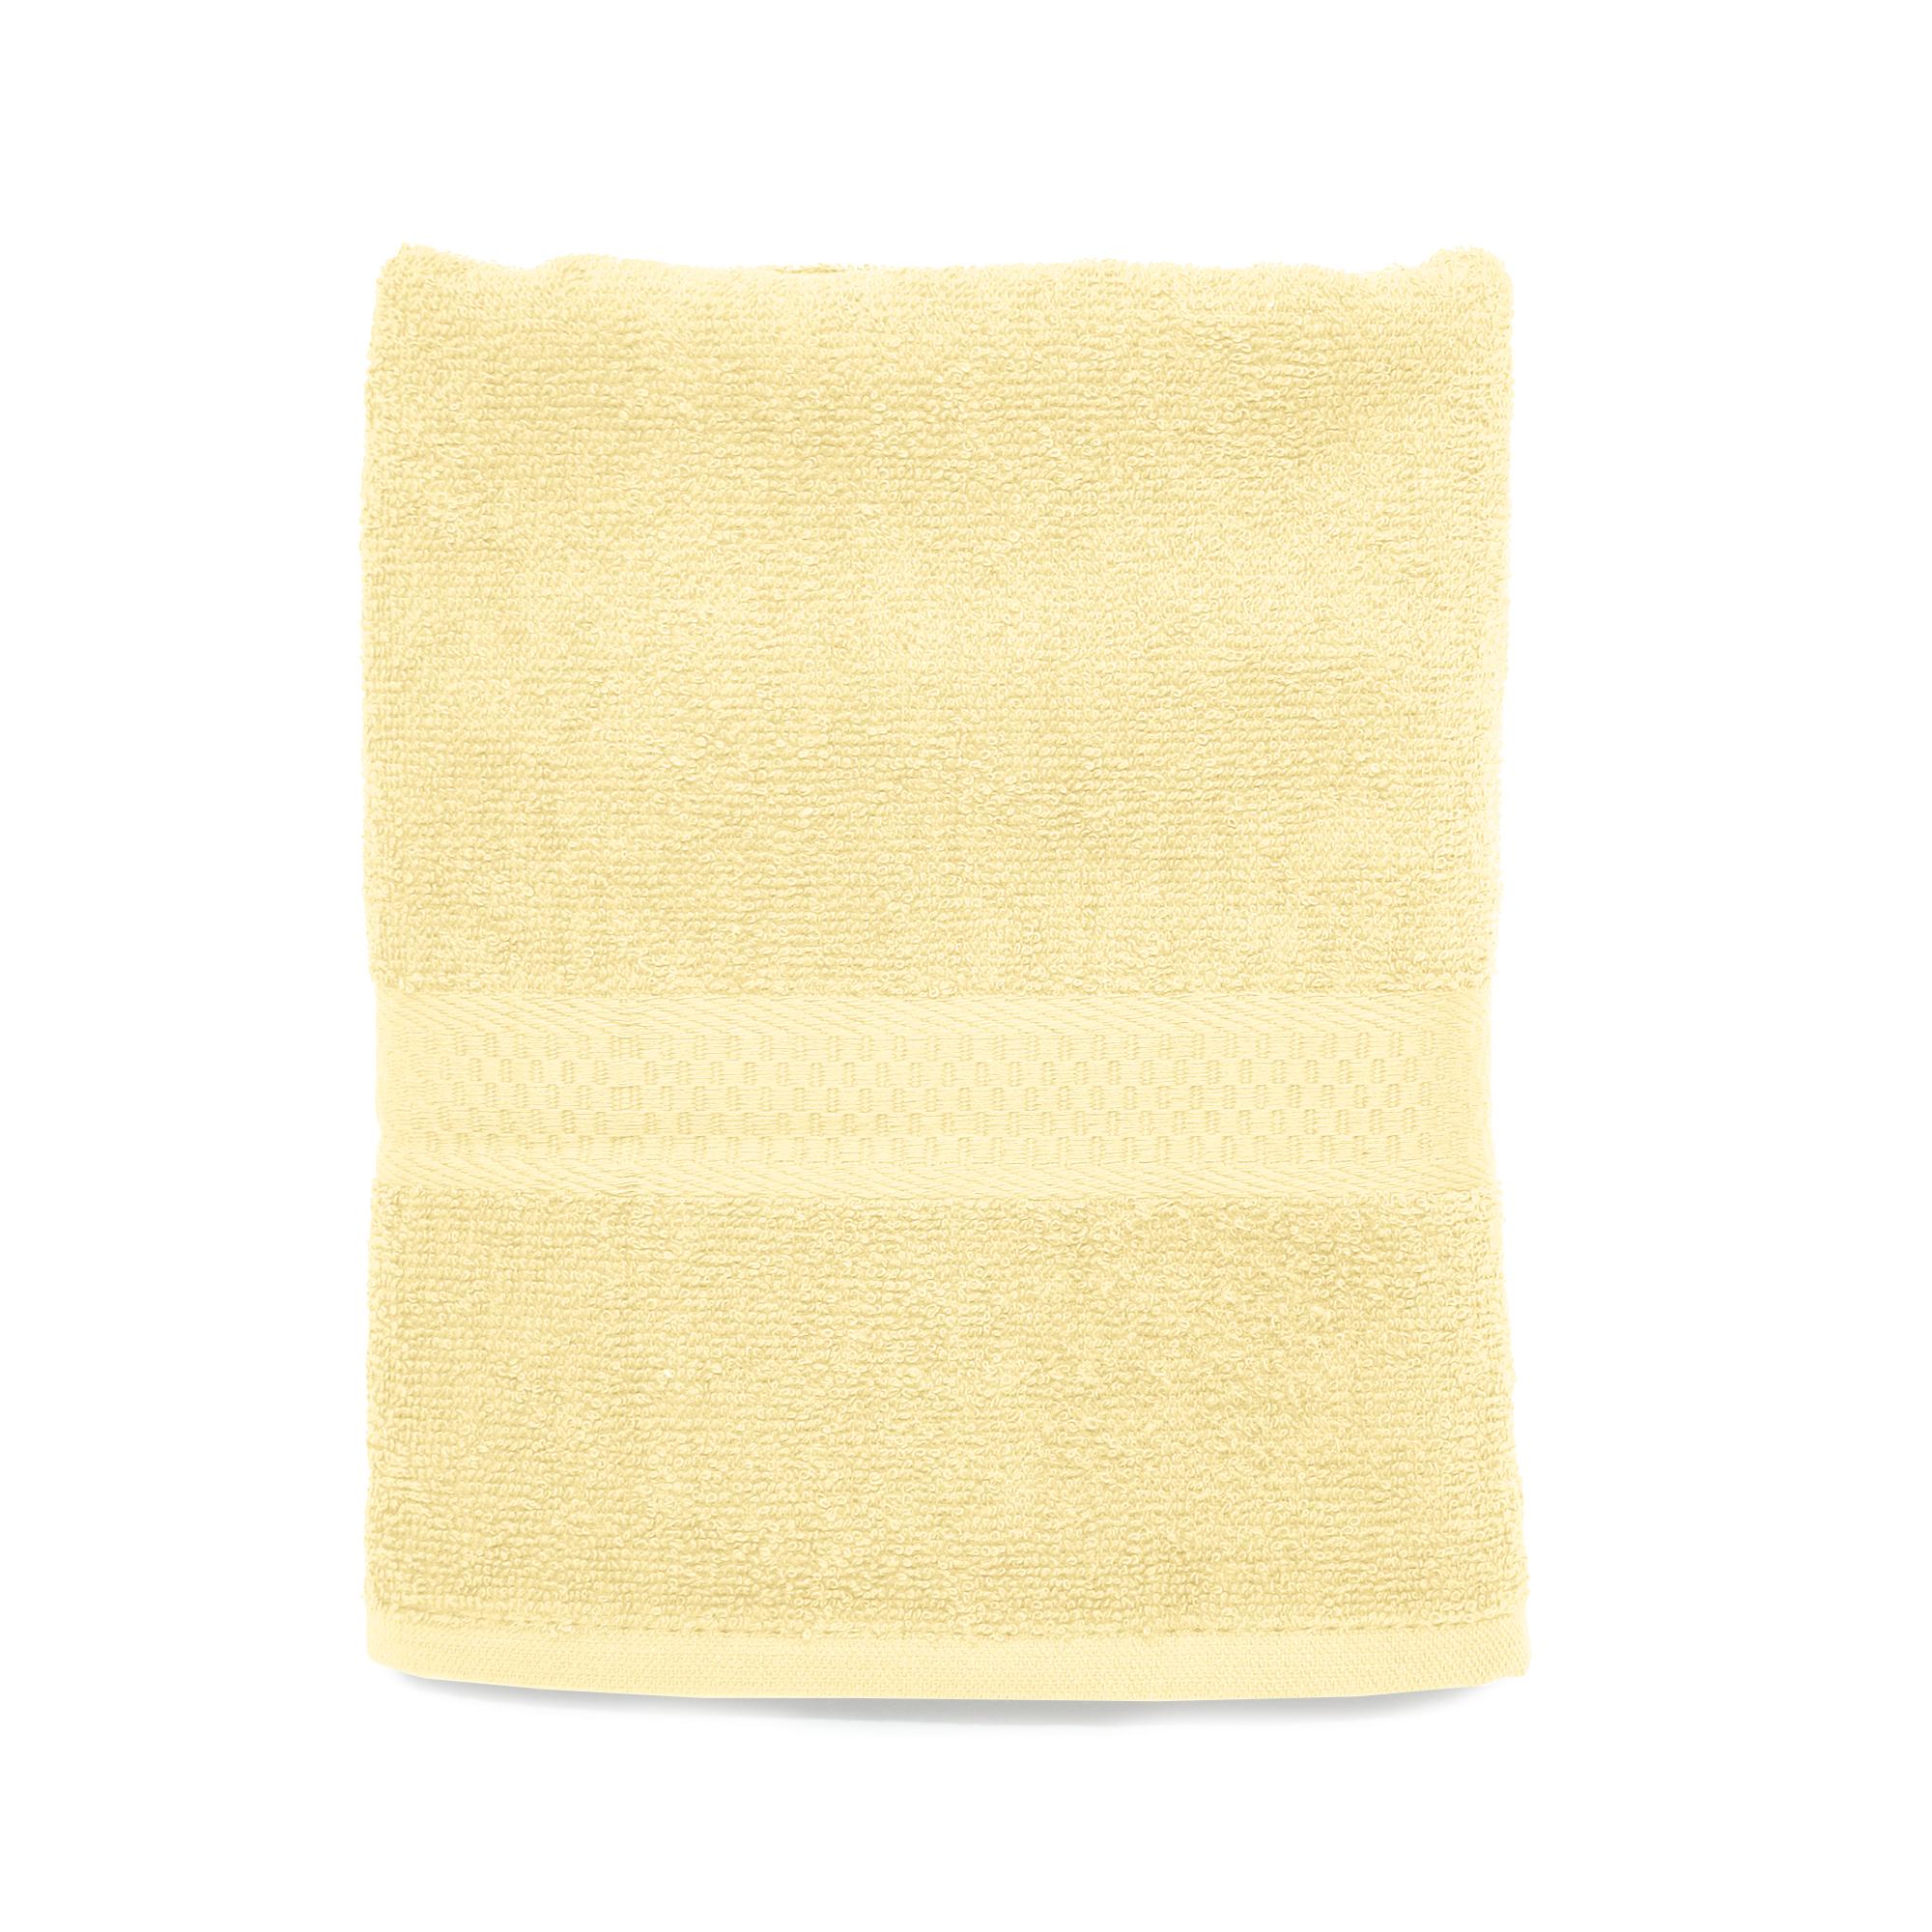 цена на Полотенце банное Spany, 21311318188, махровое, бежевый, 70 х 130 см